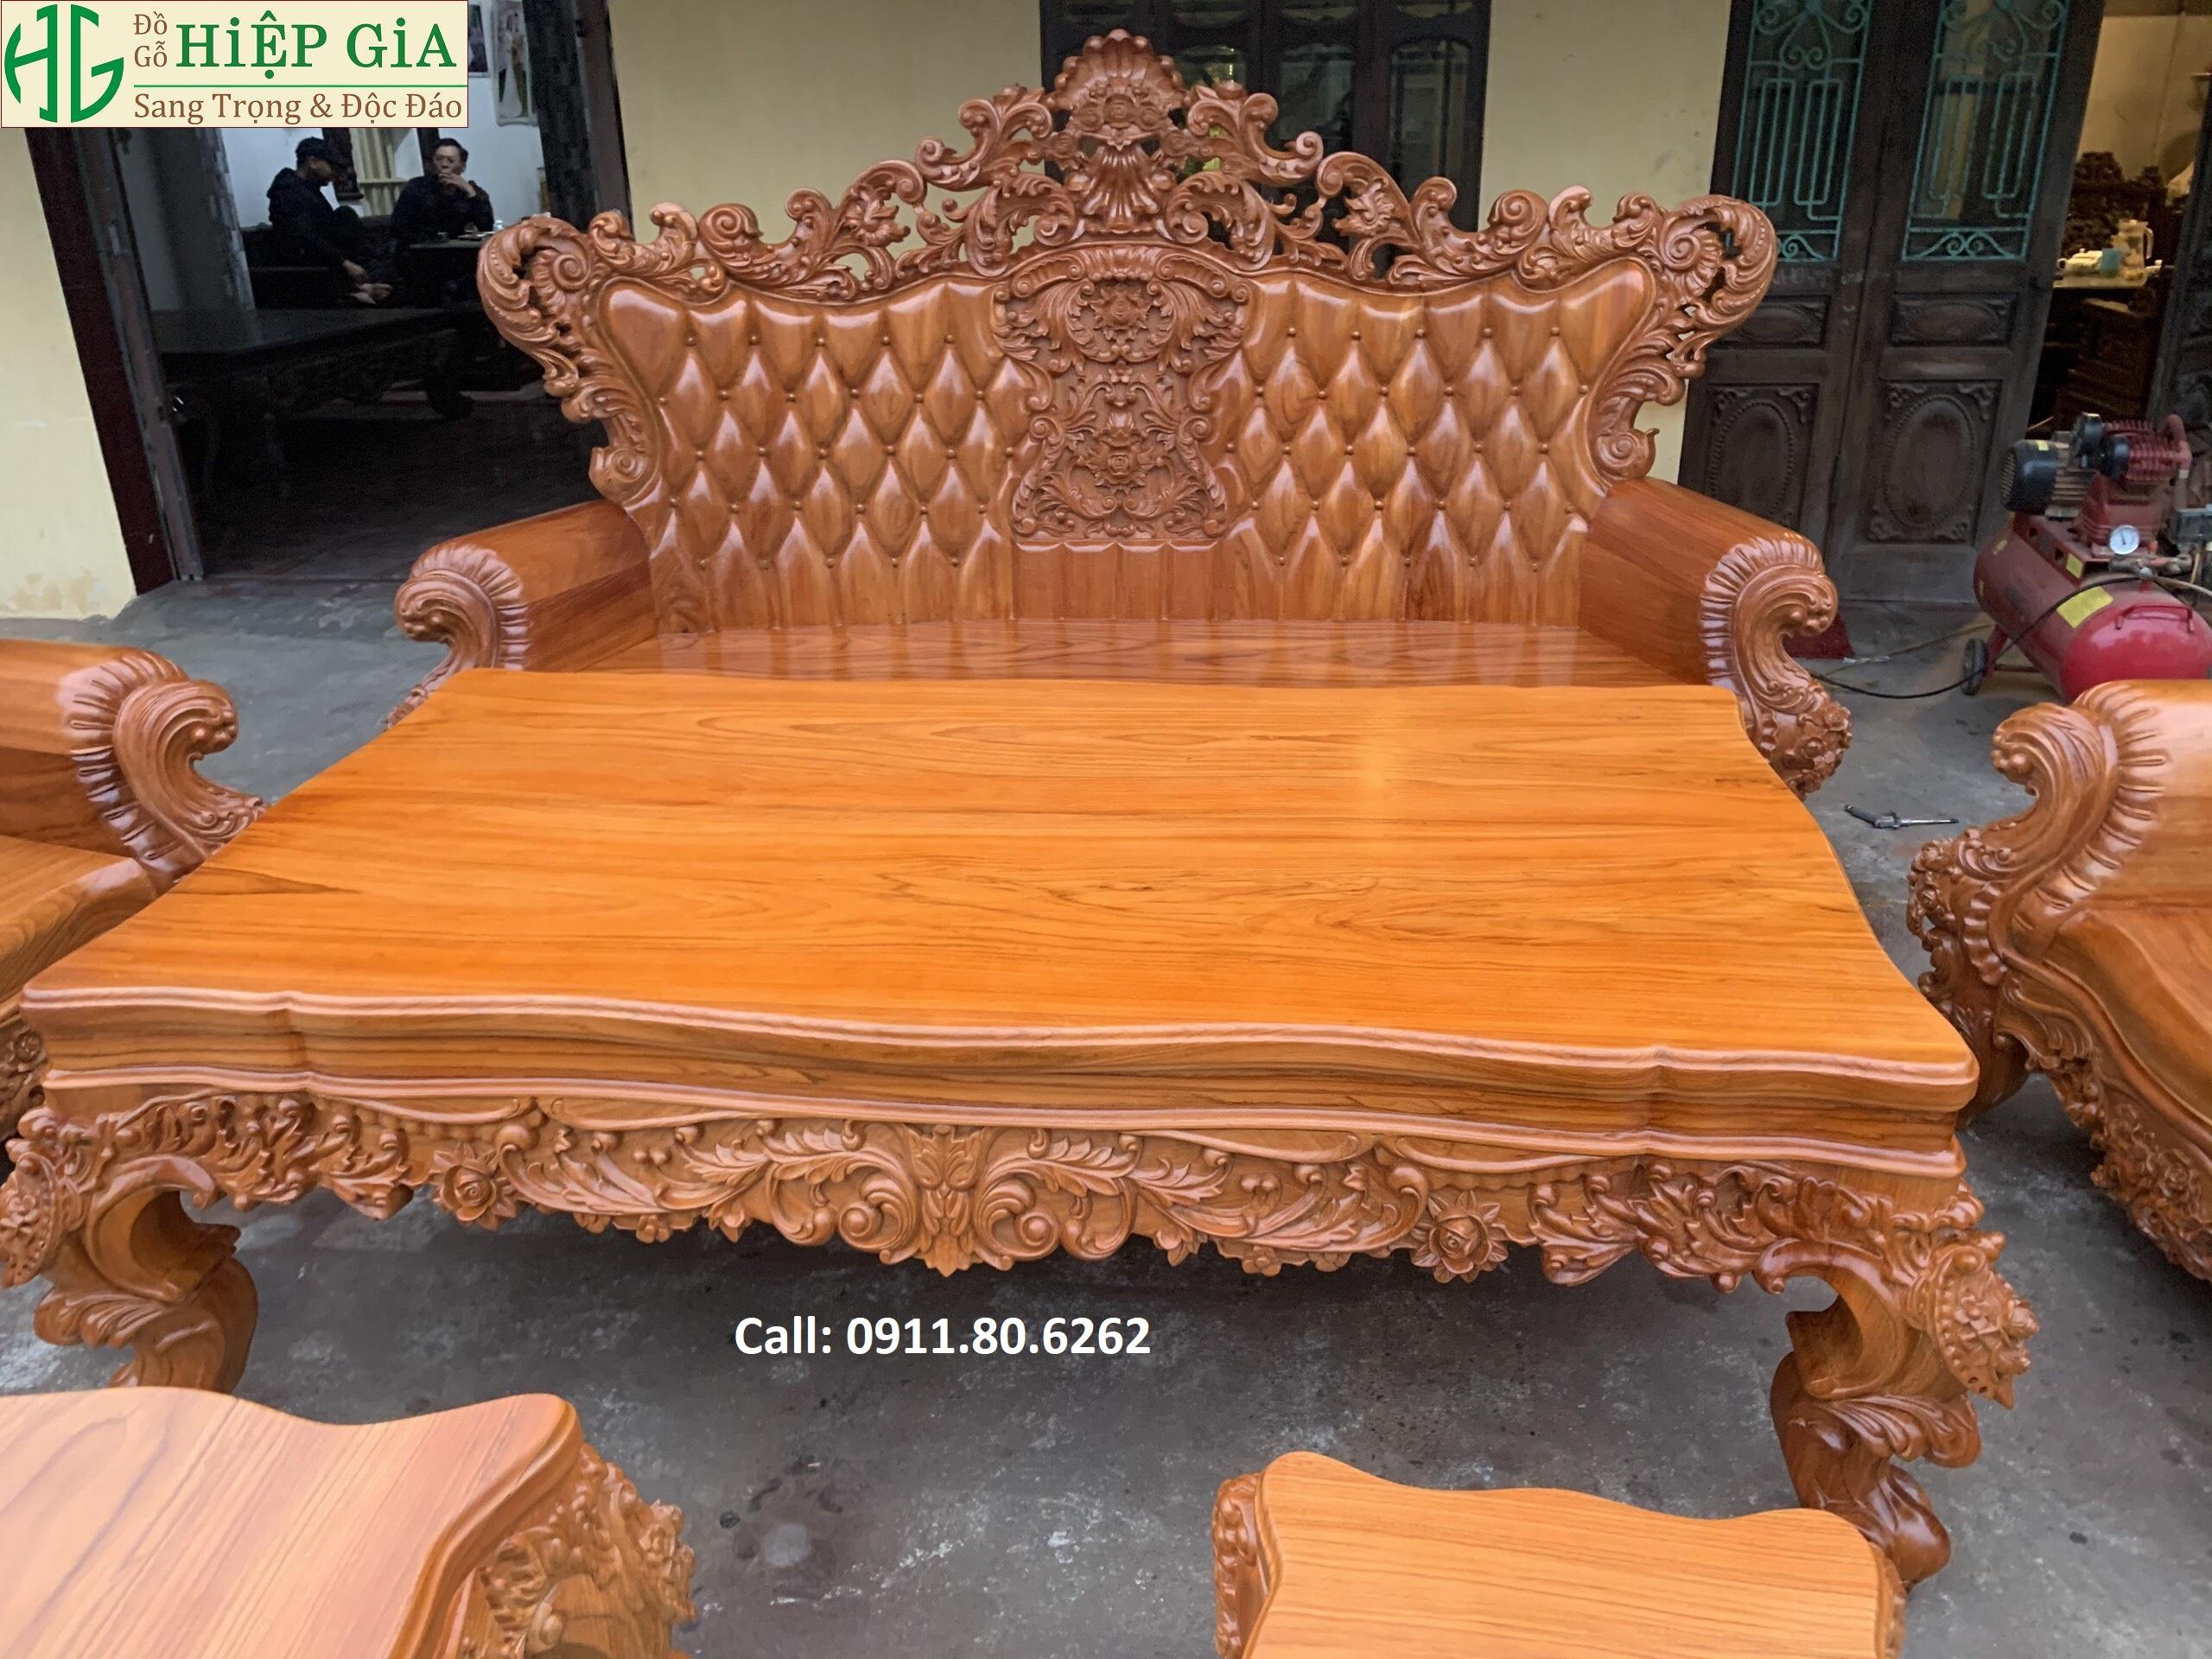 Sofa louis hoang gia 48 - Sofa Louis Hoàng Gia MS: 64